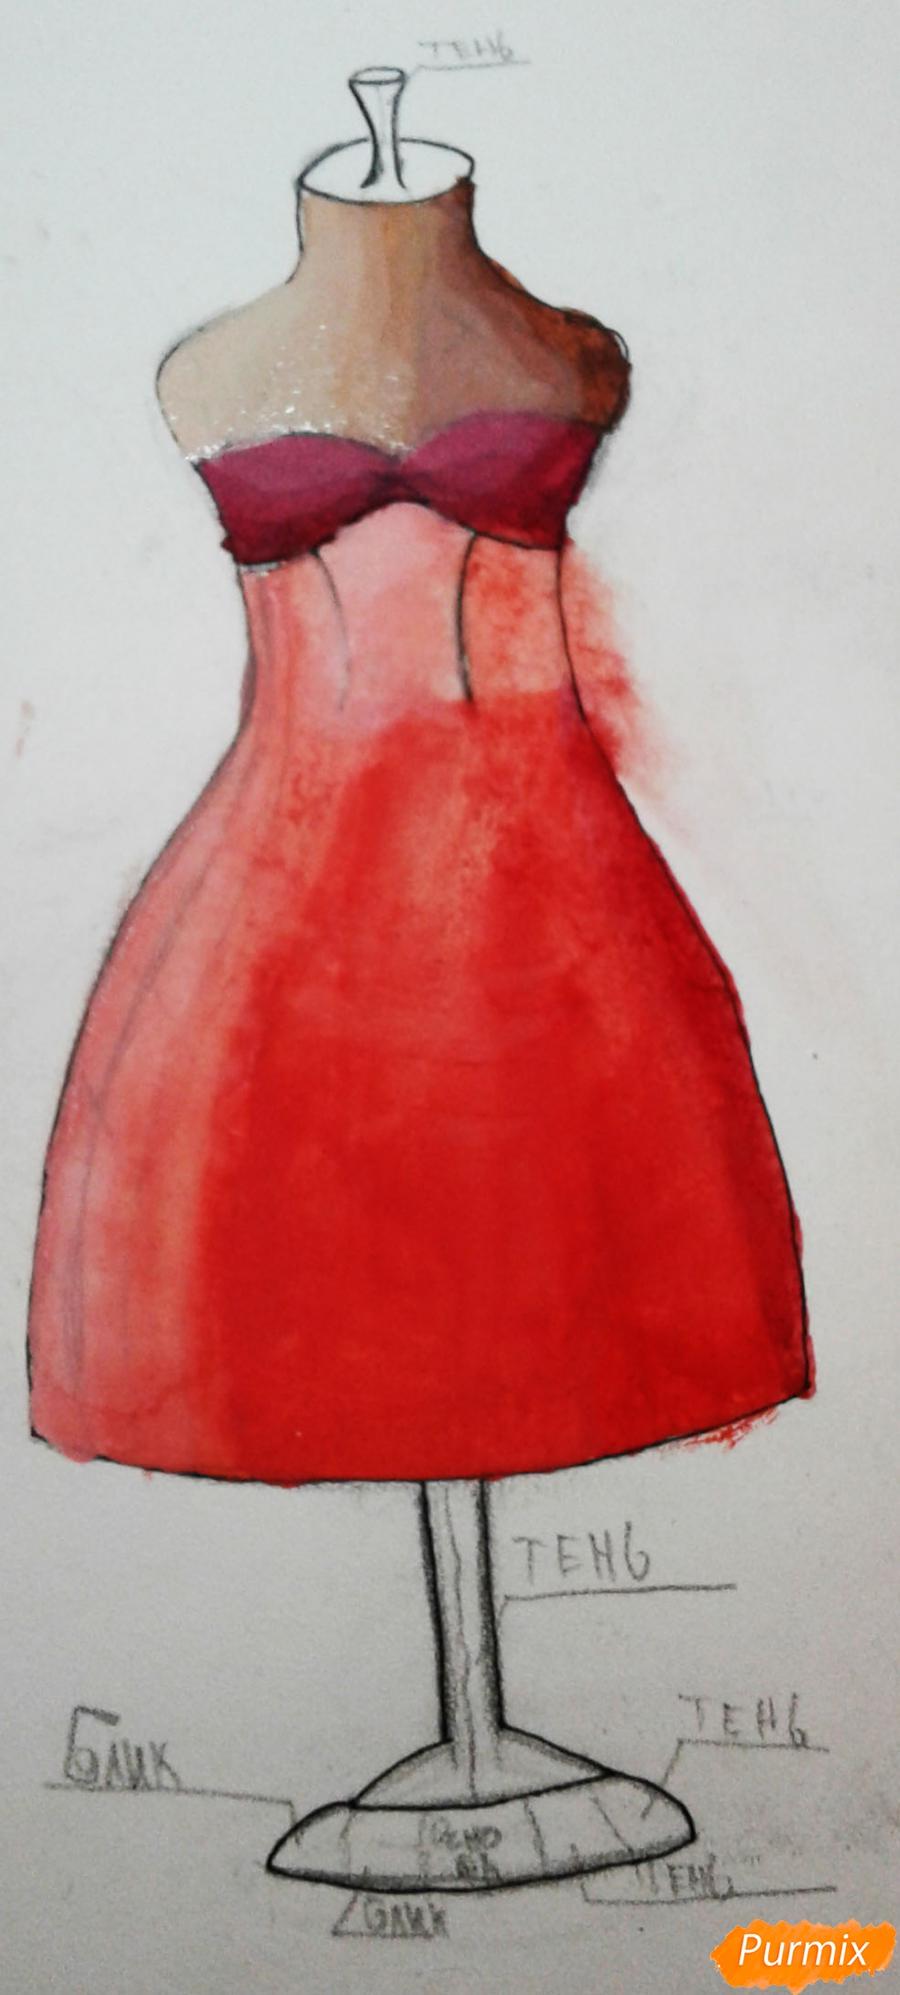 Рисуем и раскрасить платье на манекене акварелью - фото 8